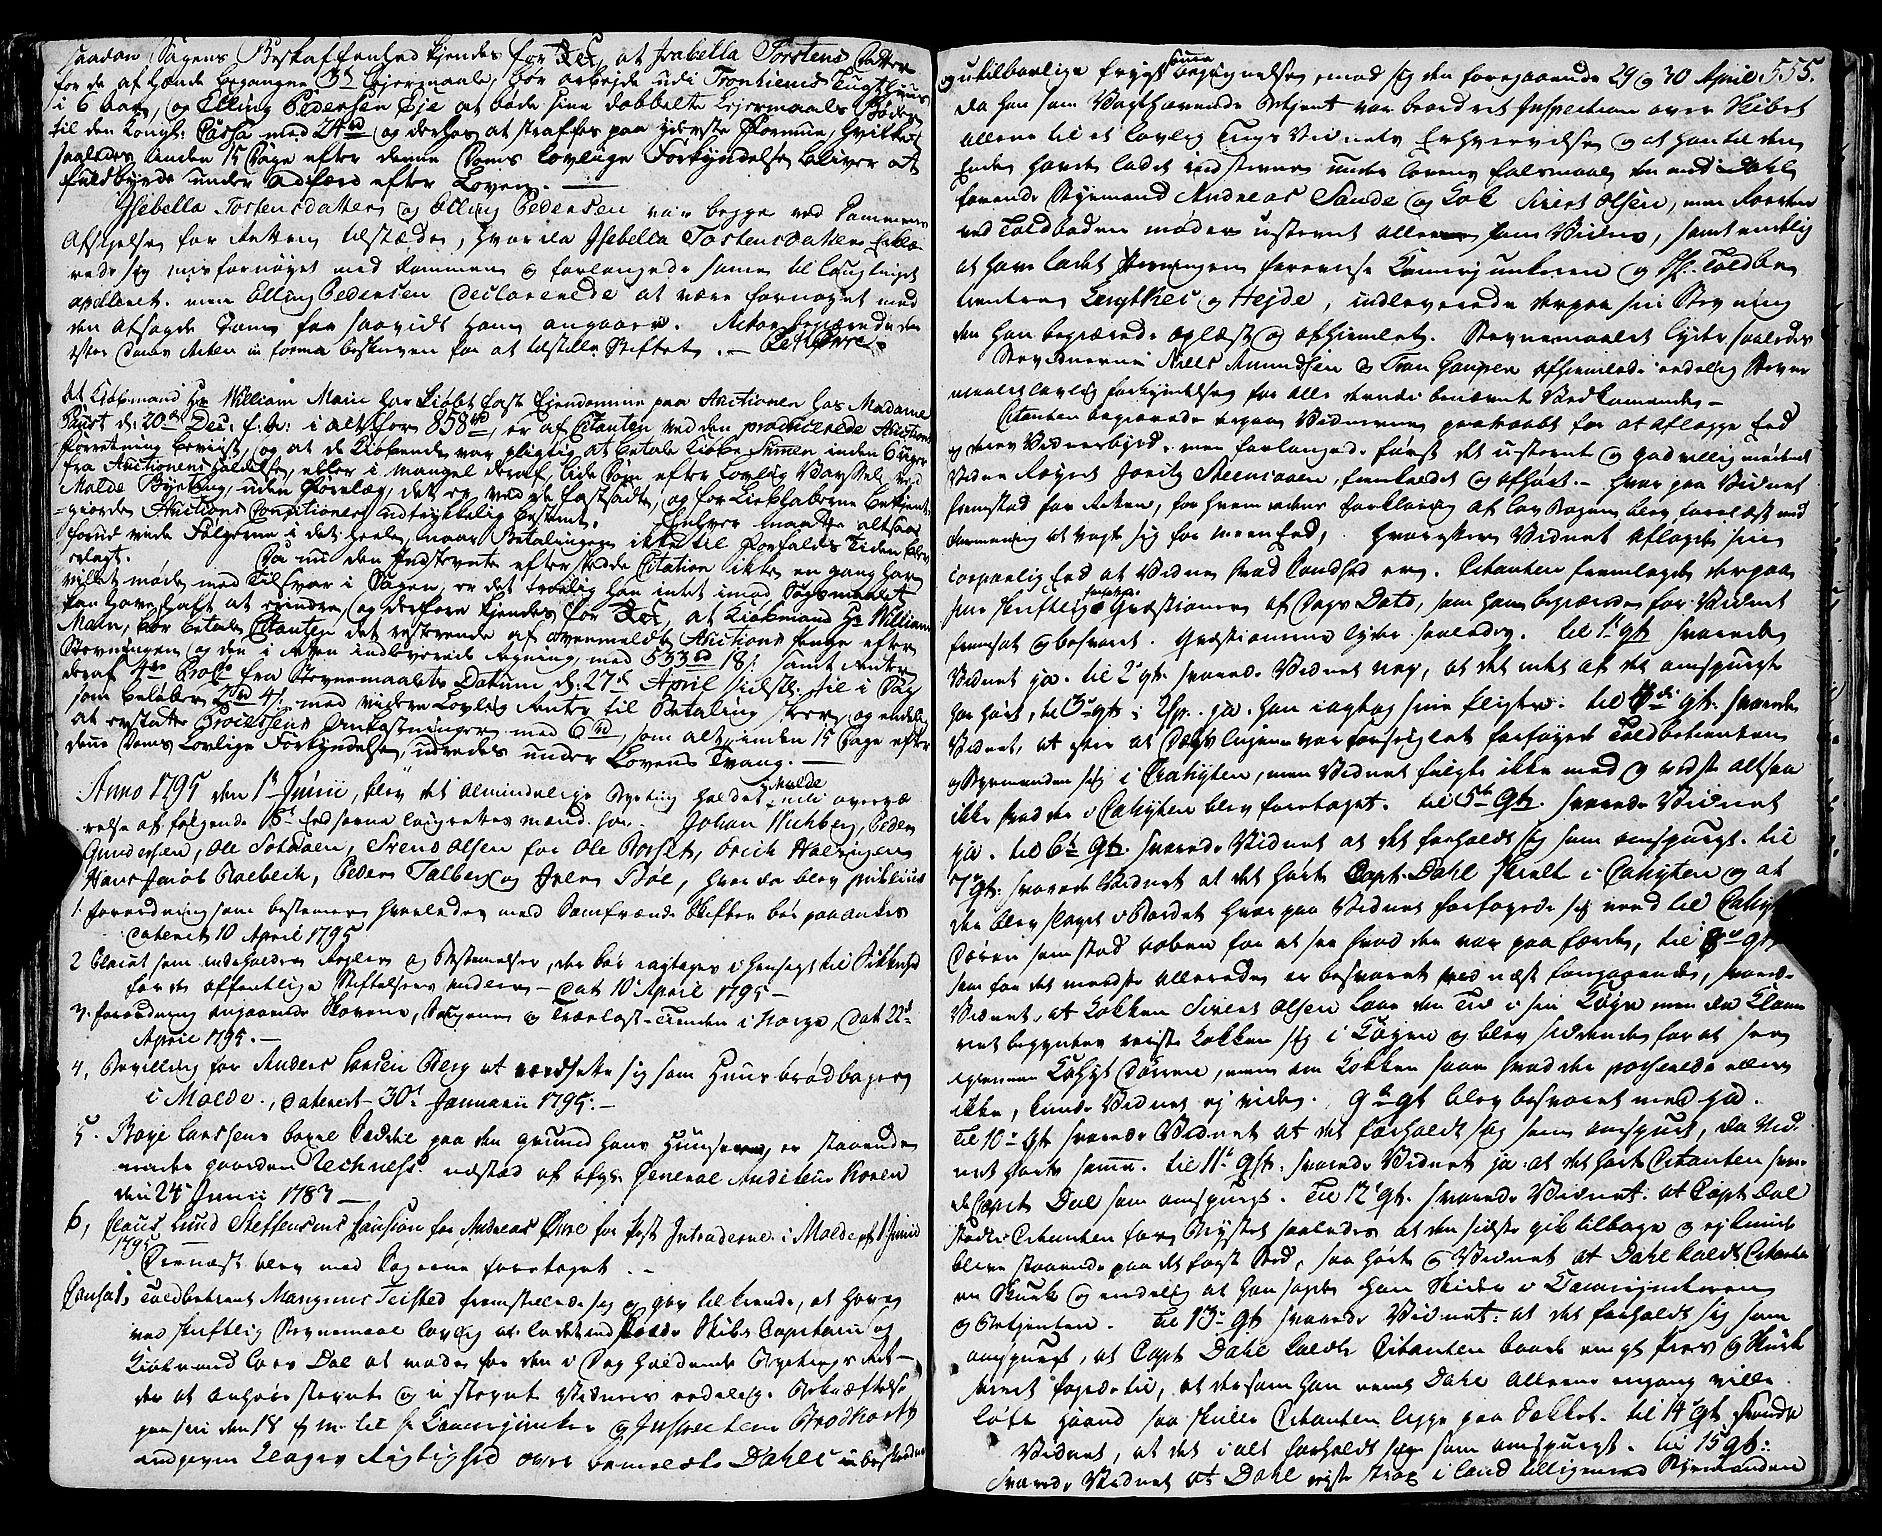 SAT, Molde byfogd, 1A/L0001: Justisprotokoll, 1764-1796, s. 556